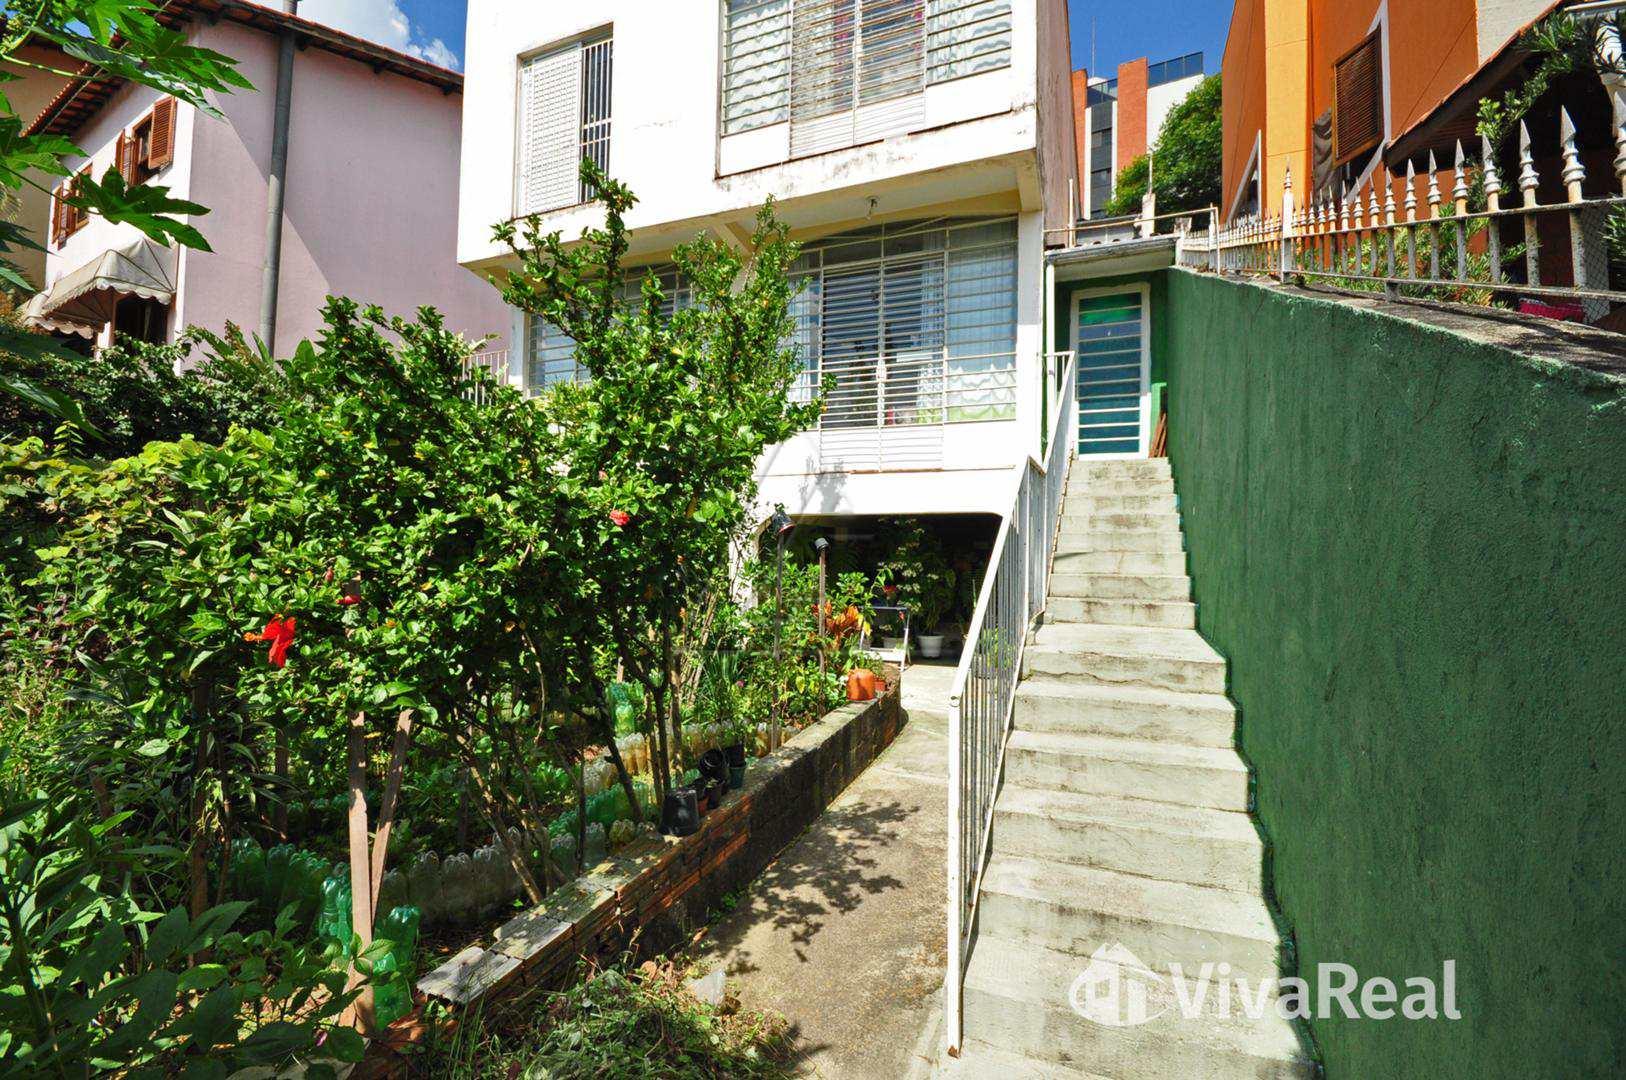 Casa 4 dorms/2stes/3vgs. Jd. Leonor - R$ 1.000.000 ref. 2977